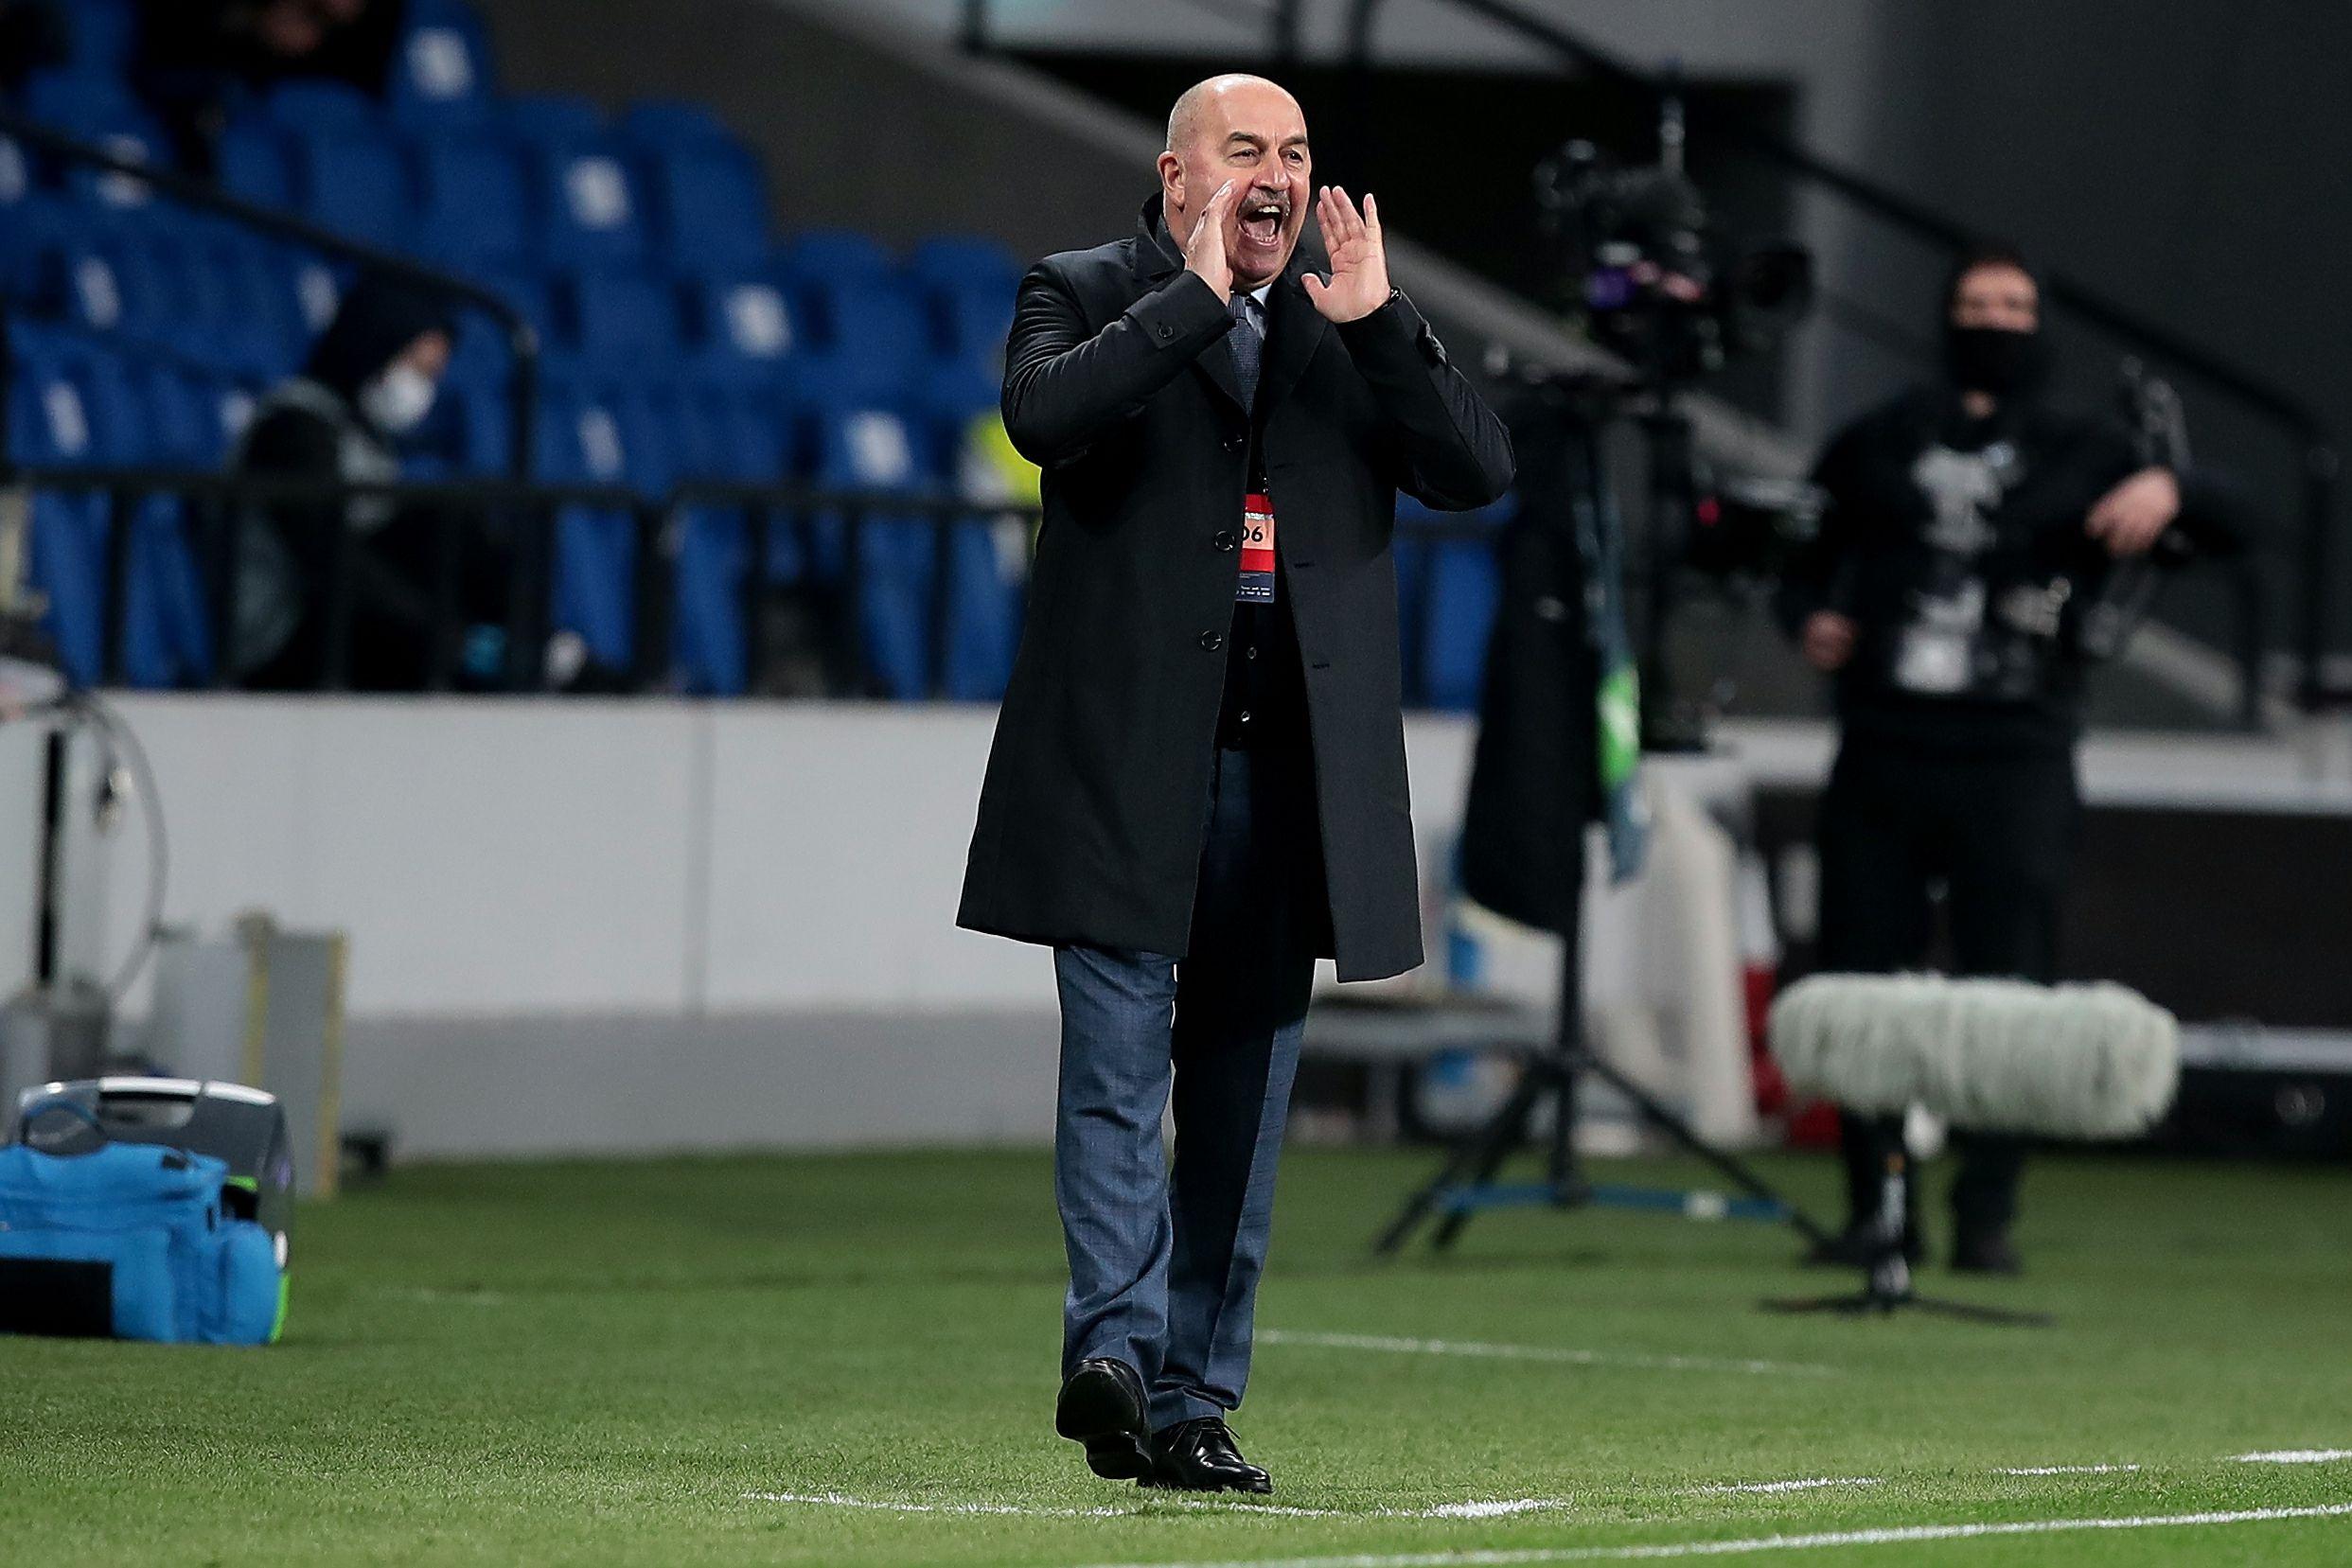 Россия обыграла Мальту, Украина увезла ничью из Франции и другие сюжеты первого дня квалификации ЧМ-2022